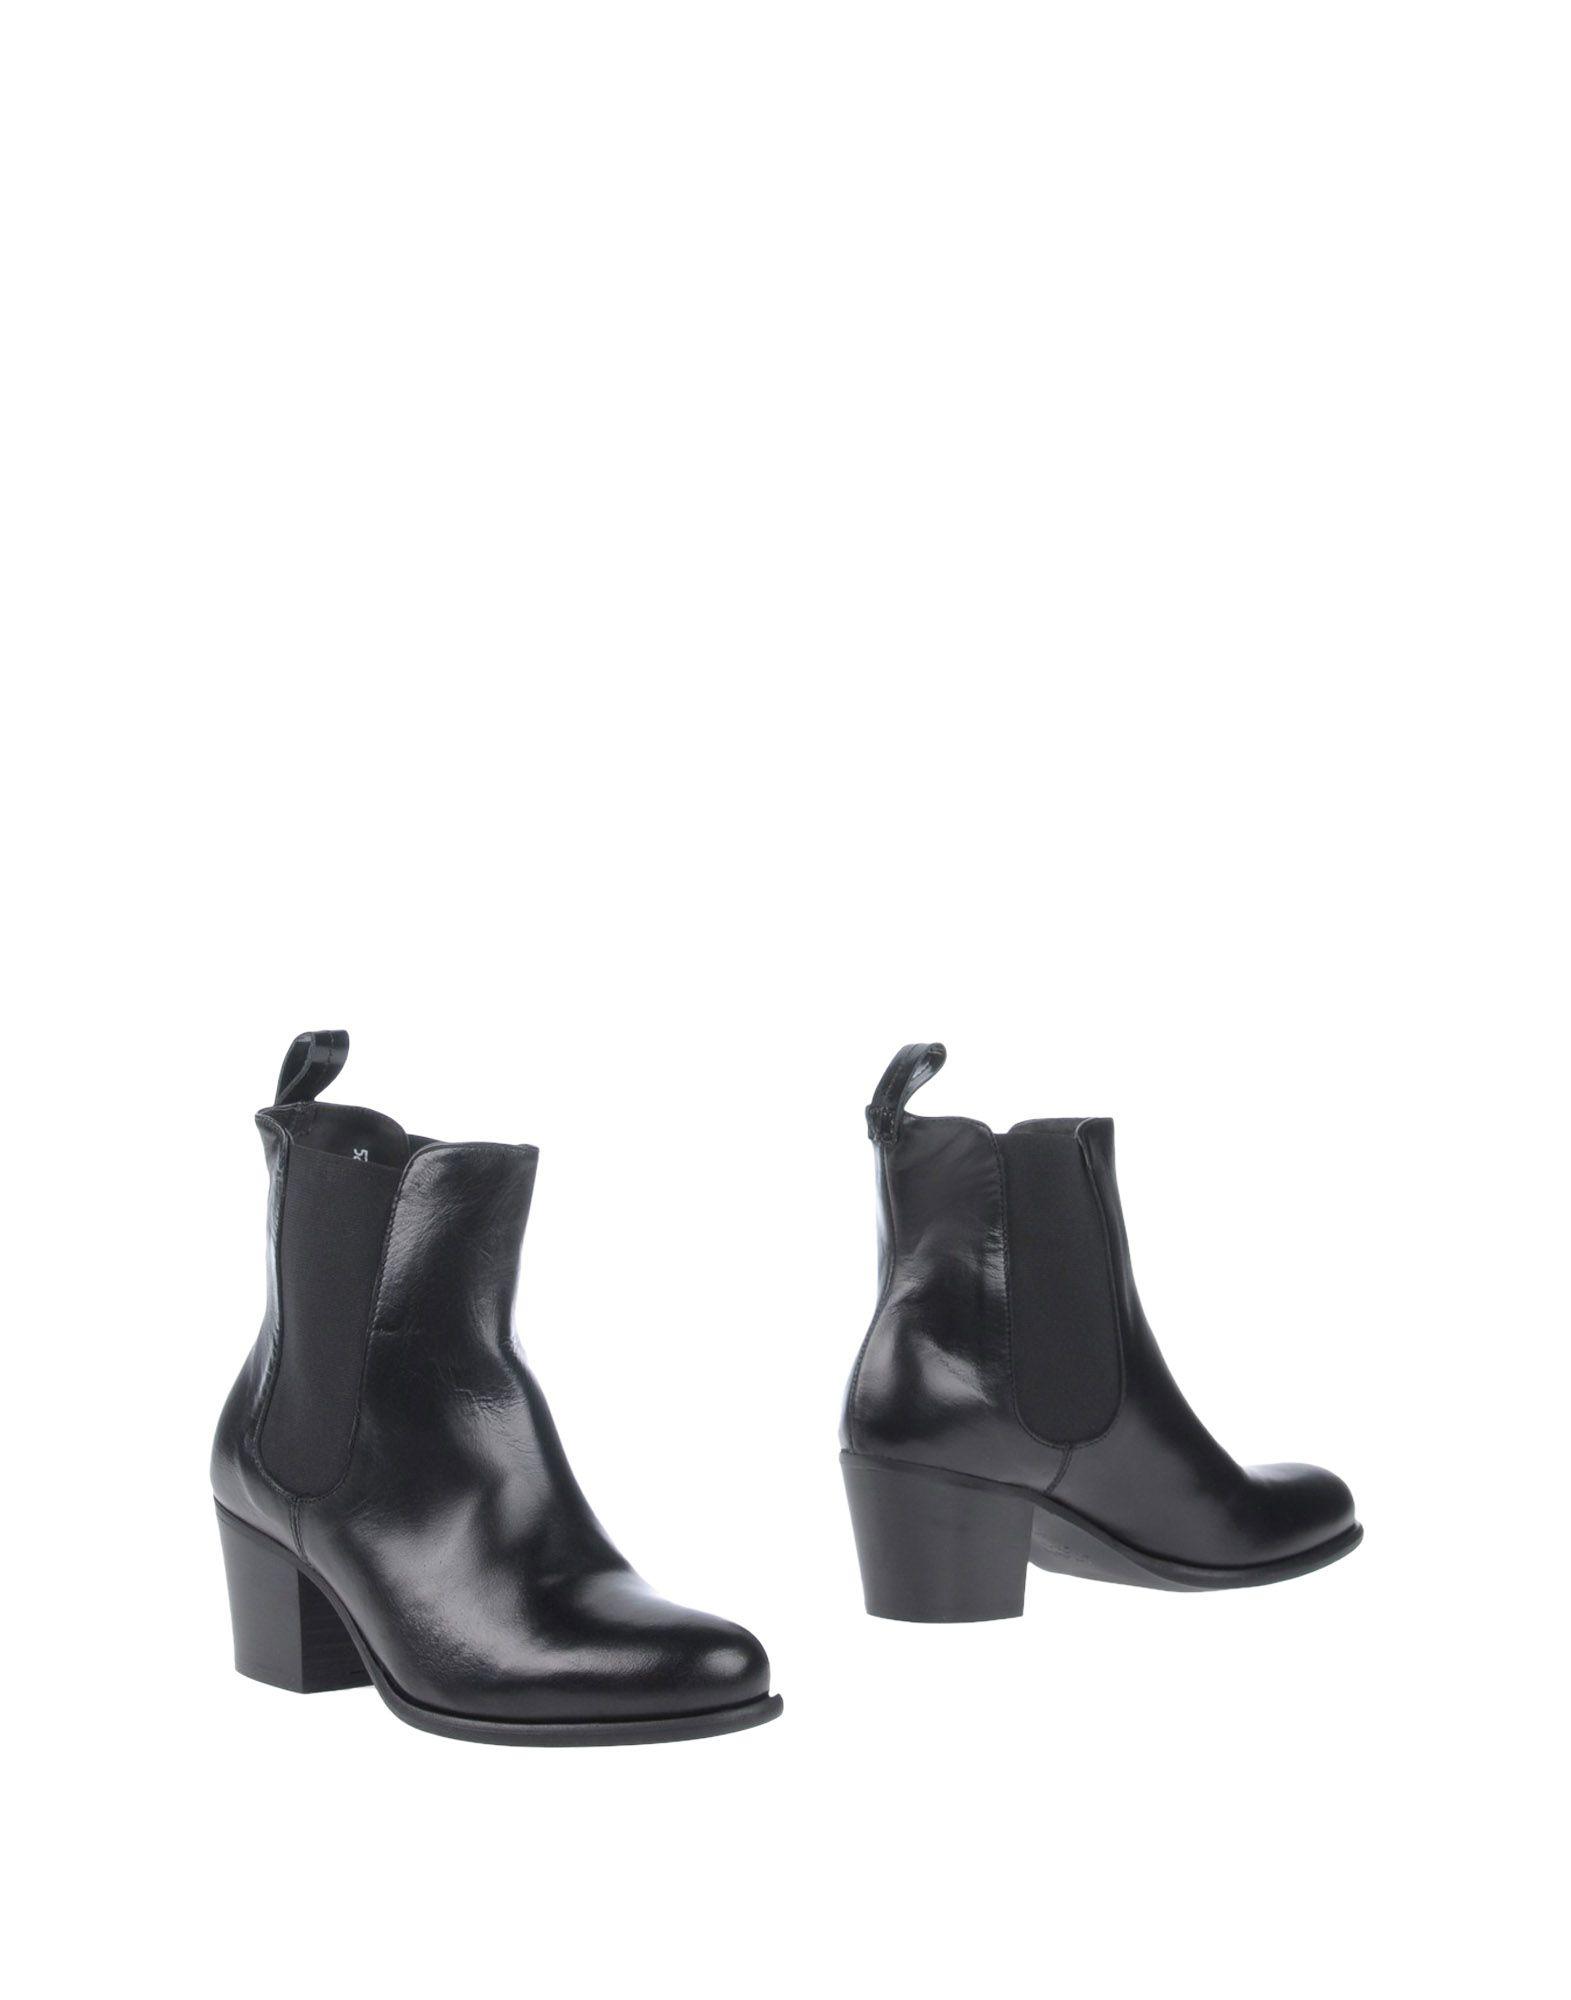 Dogma Chelsea Boots Damen  11093256LB Gute Qualität beliebte Schuhe